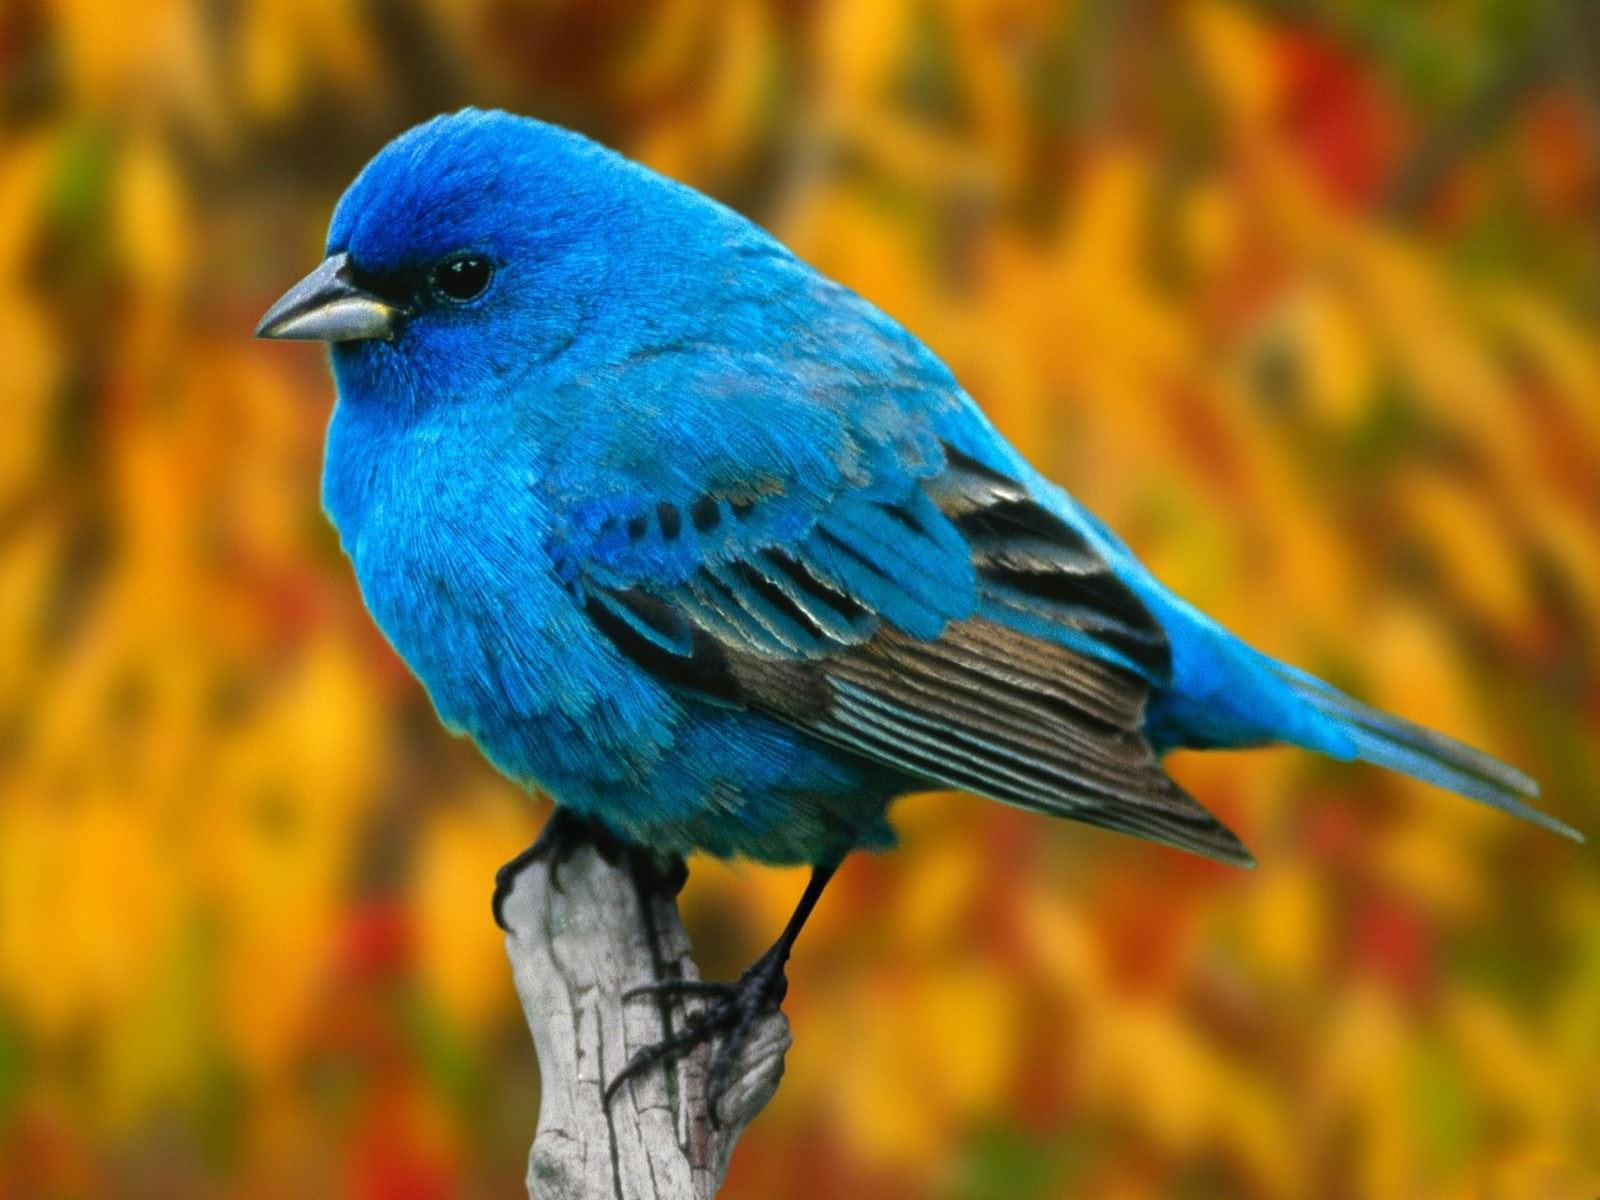 بالصور صور طيور , صور طيور غاية فى الجمال والروعة 131 14